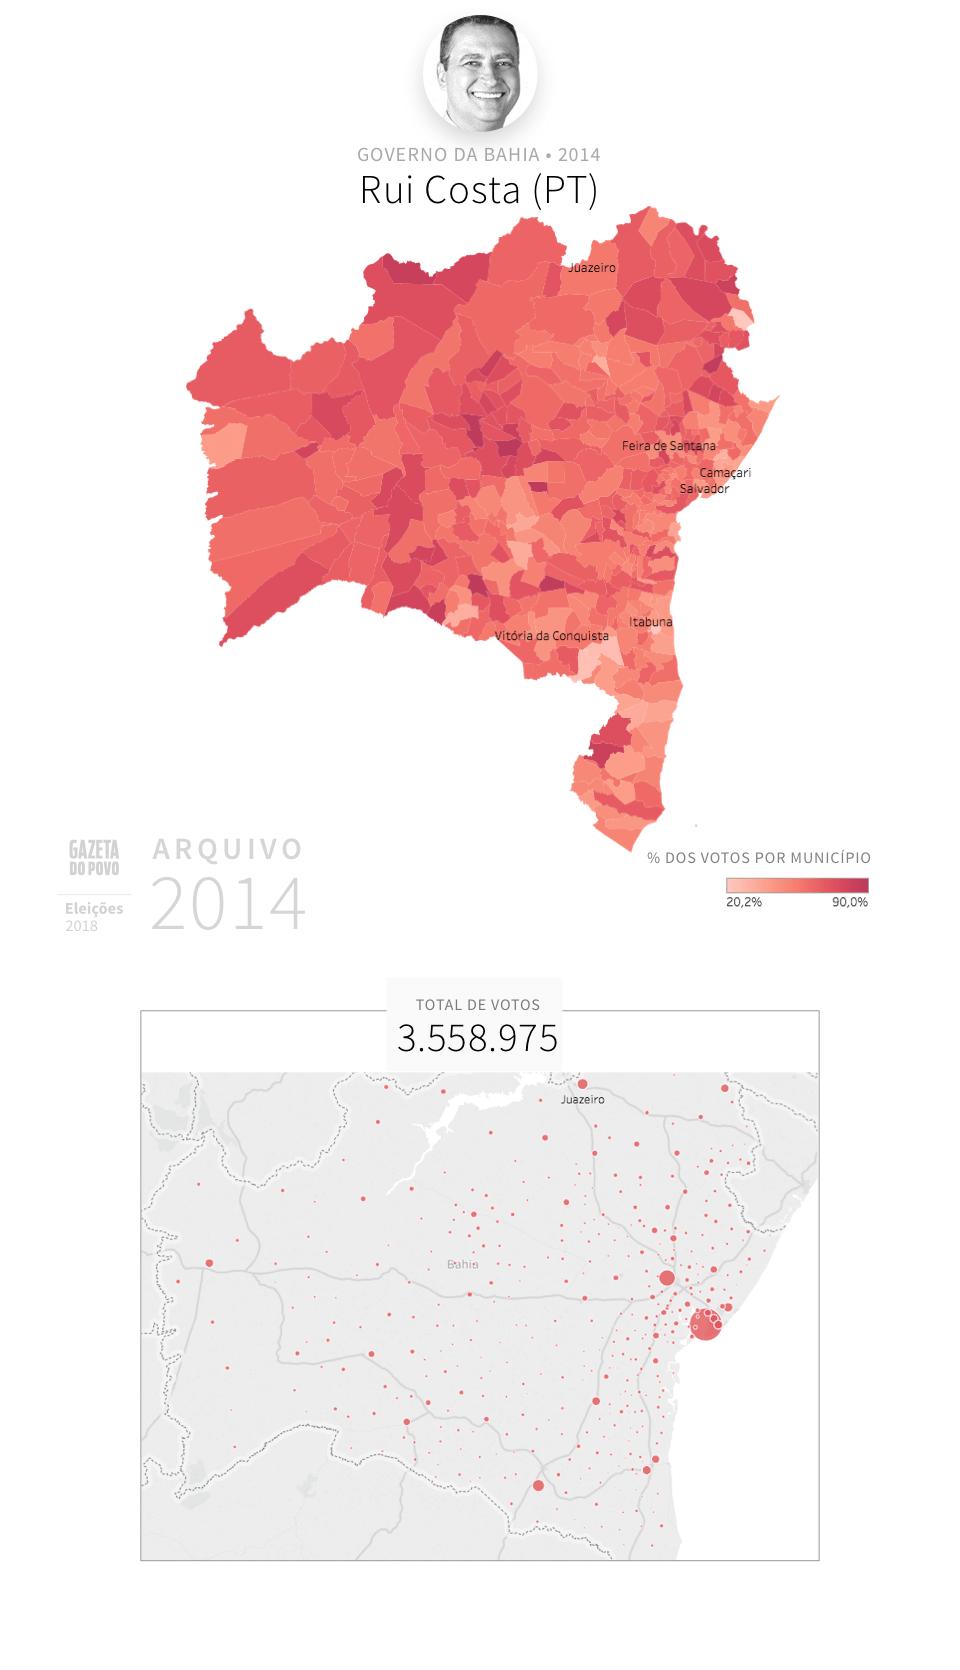 Desempenho do PT em Bahia em 2014, na eleição para governador da Bahia. Em % do total de votos em cada município.